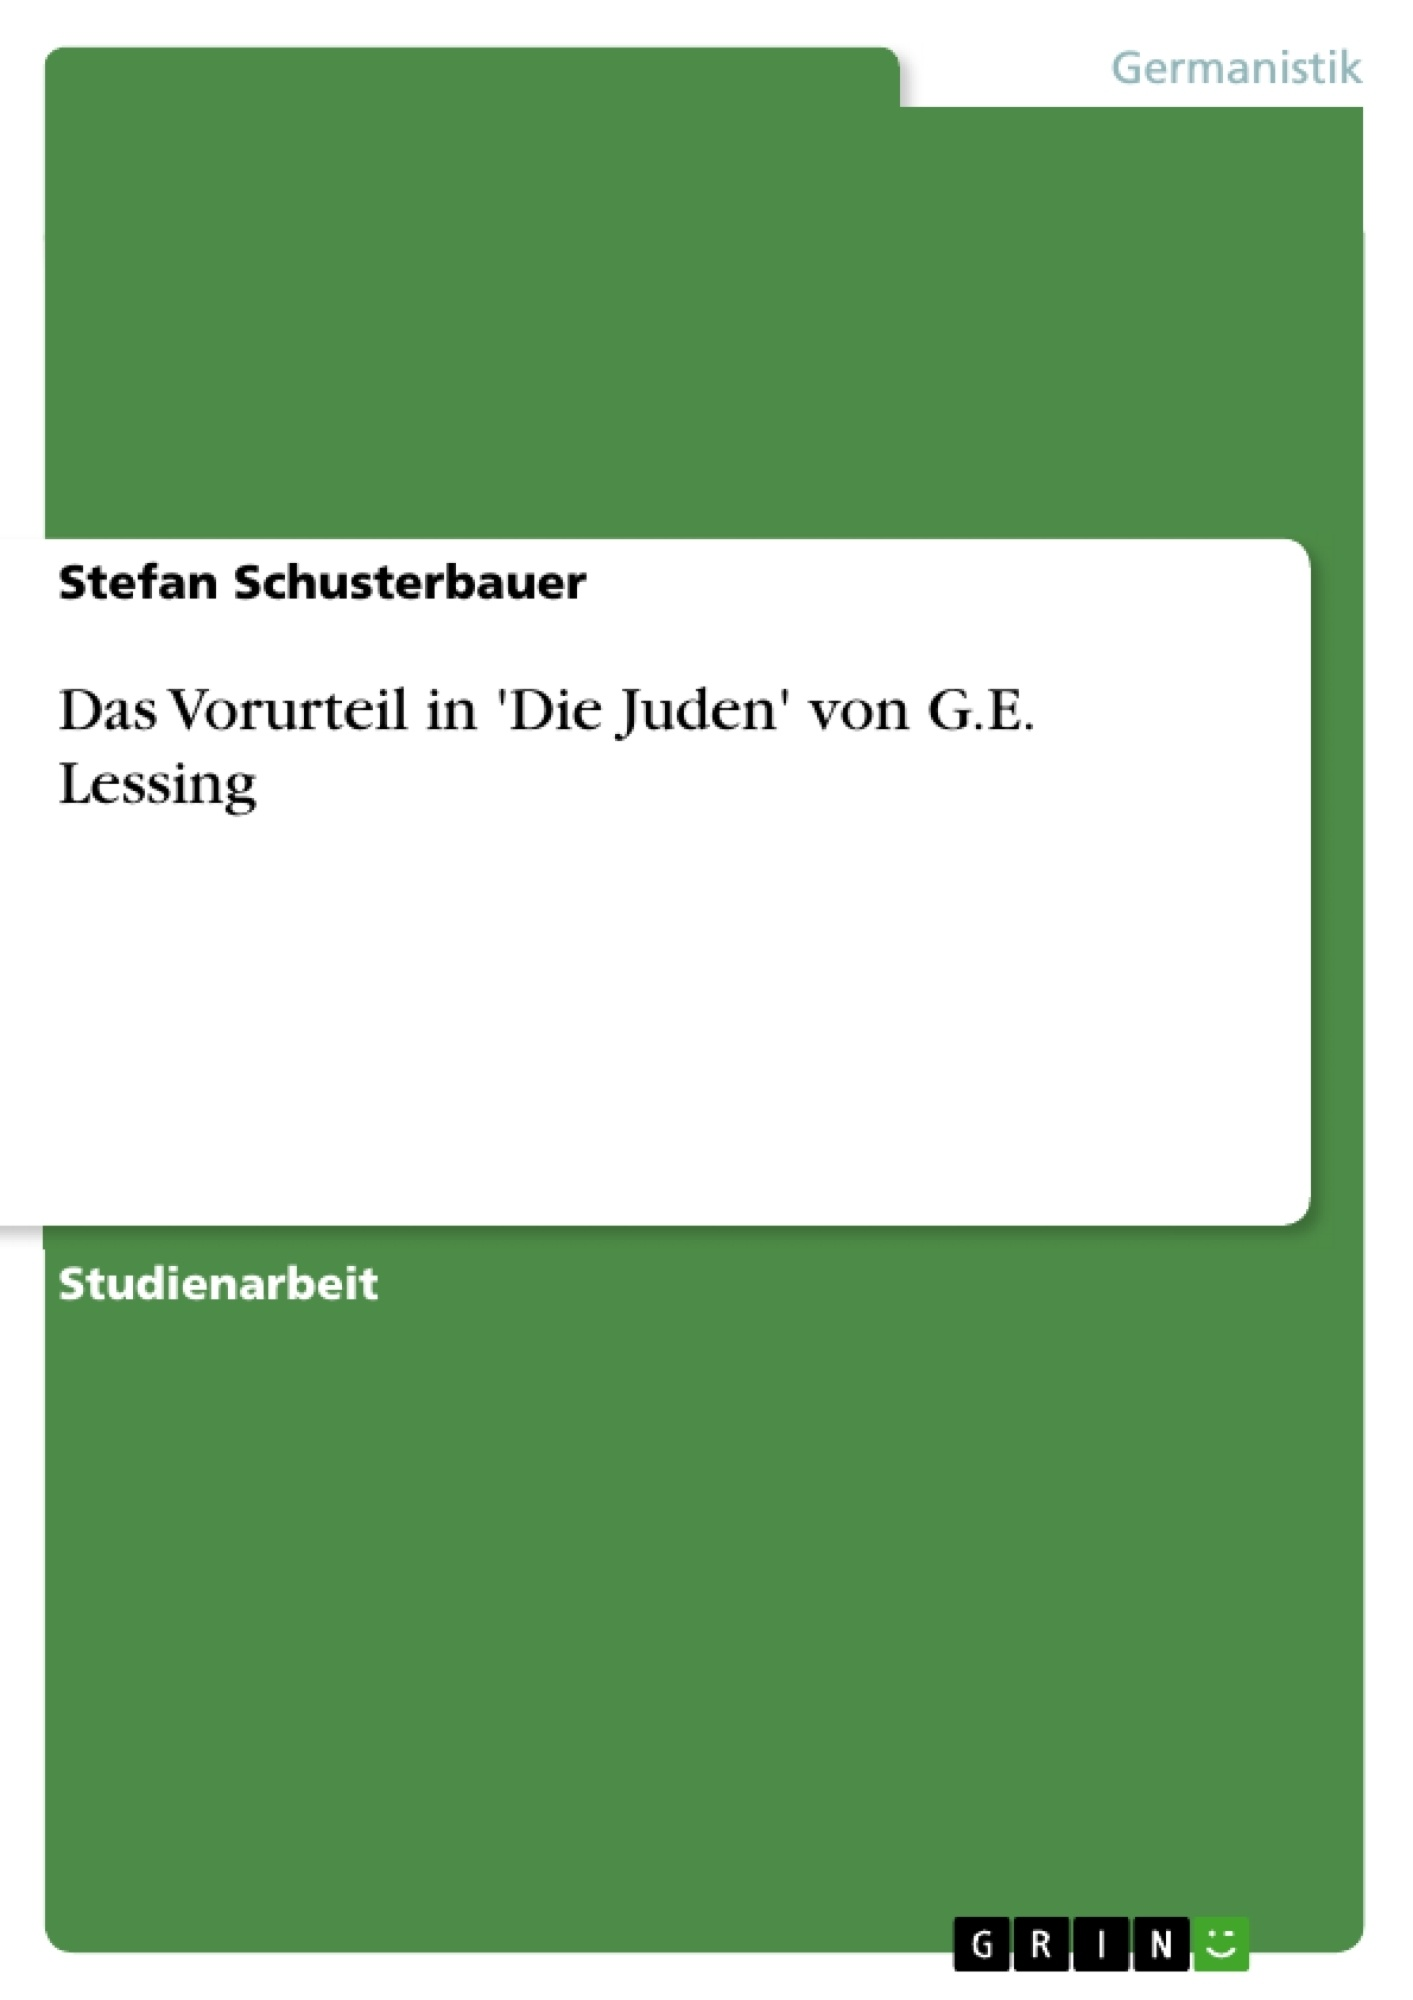 Titel: Das Vorurteil in 'Die Juden' von G.E. Lessing